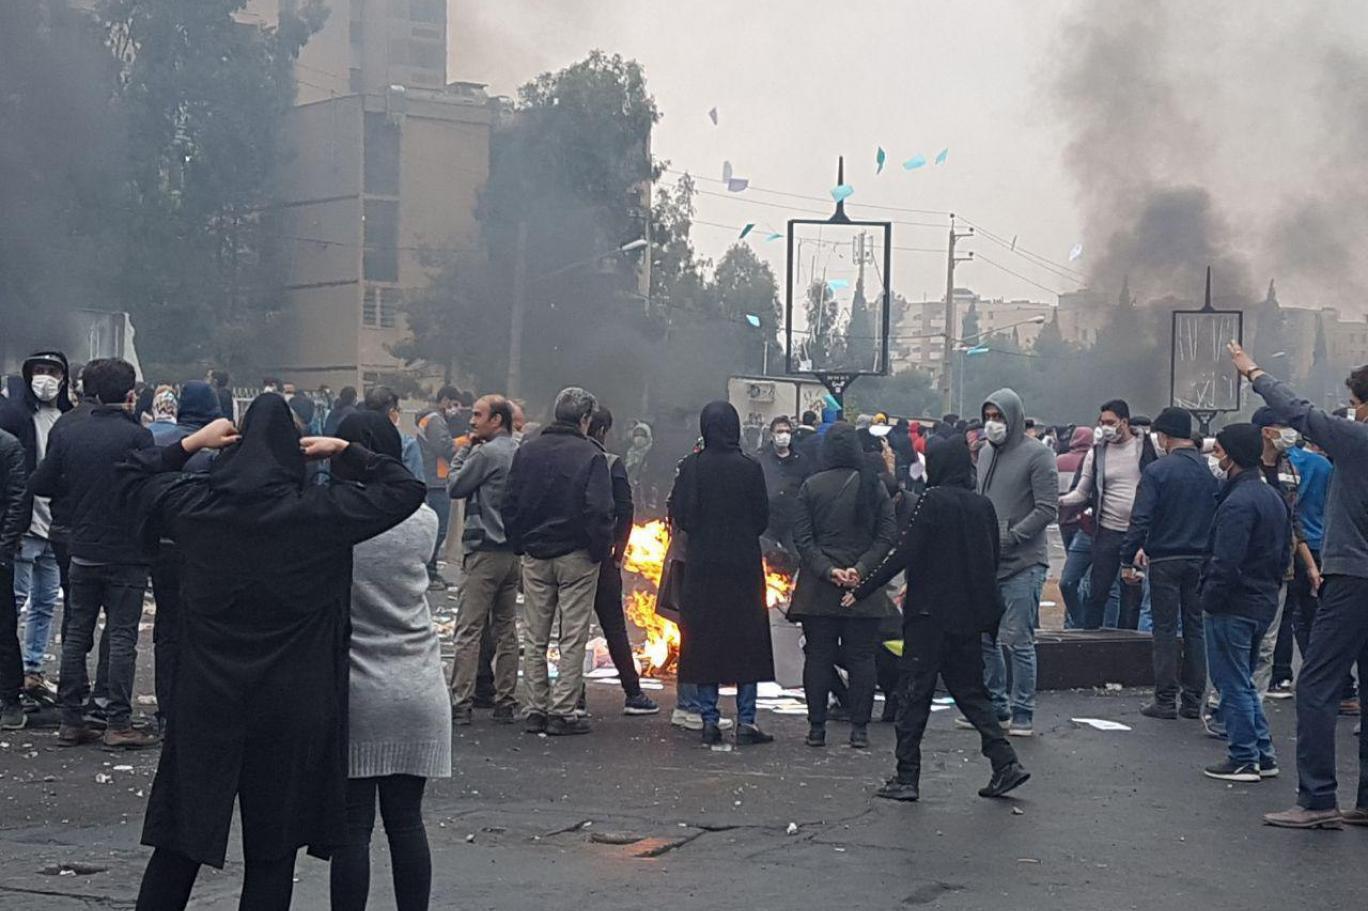 ده پرسش در مورد اعتراضات آبان ۹۸, معیشت و زندگی روزمره فقیرترین اقشار جامعه به سوخت وابسته است